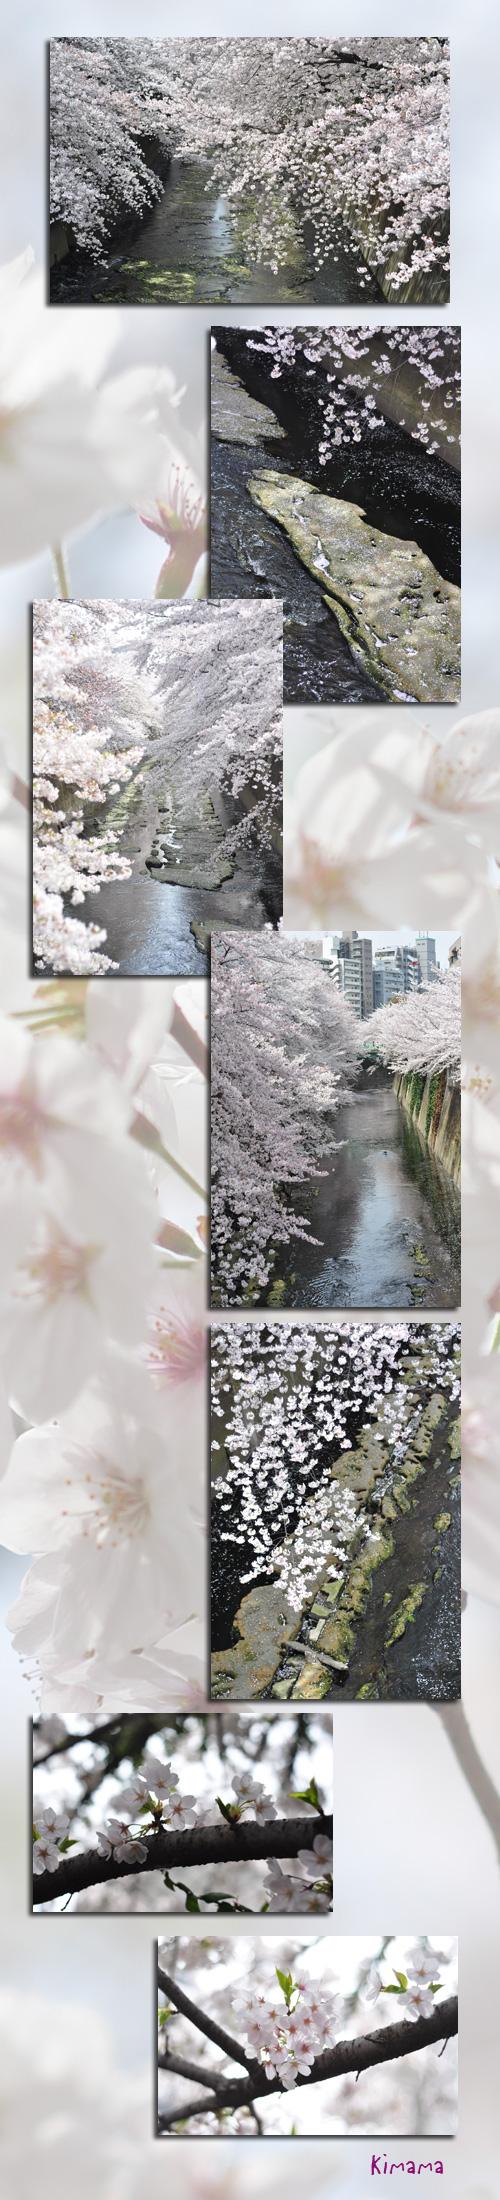 4月11日神田川2